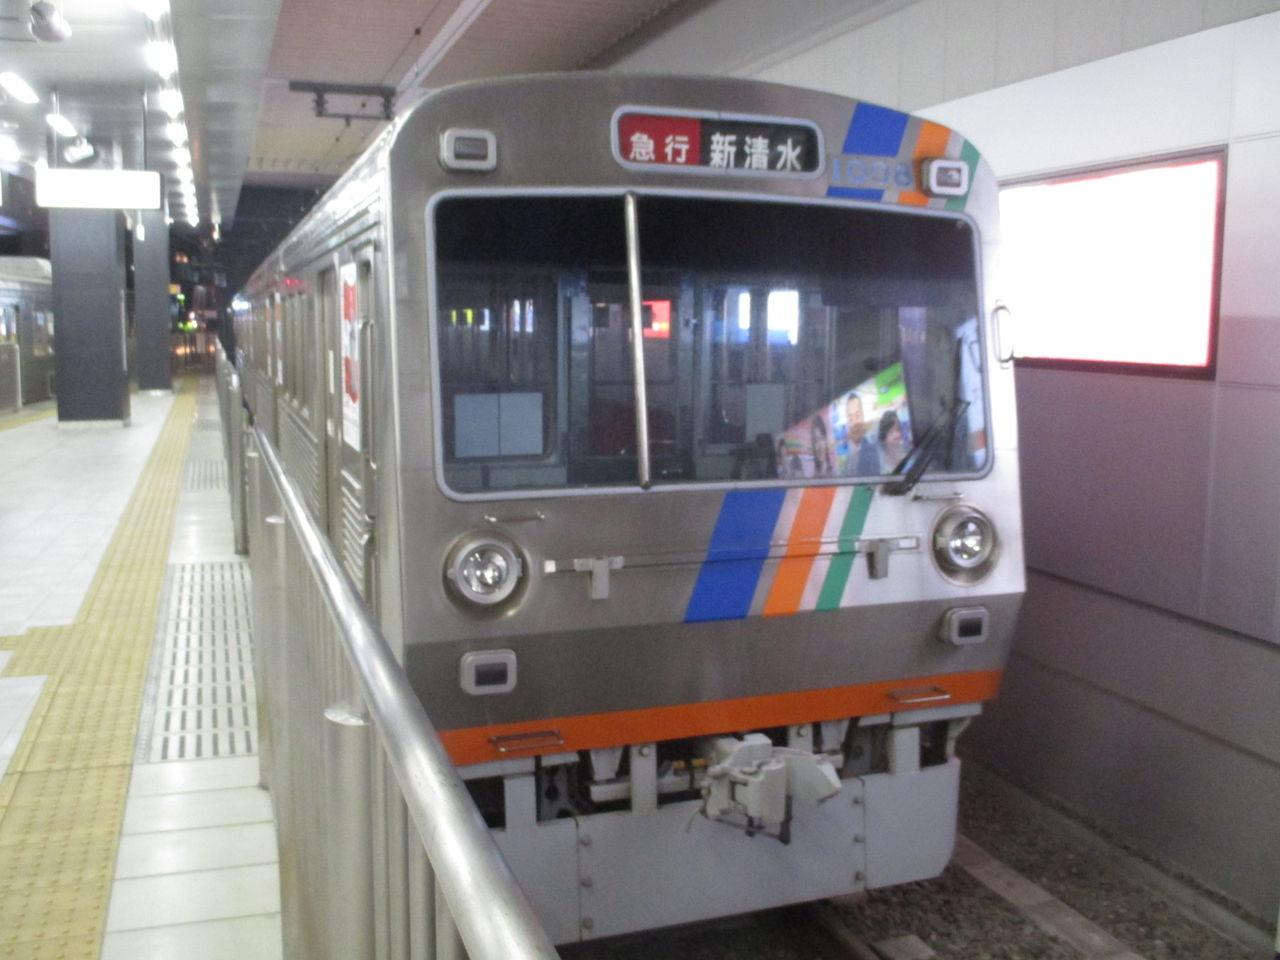 静岡鉄道1000形電車「急行」 : TSHQ写真館